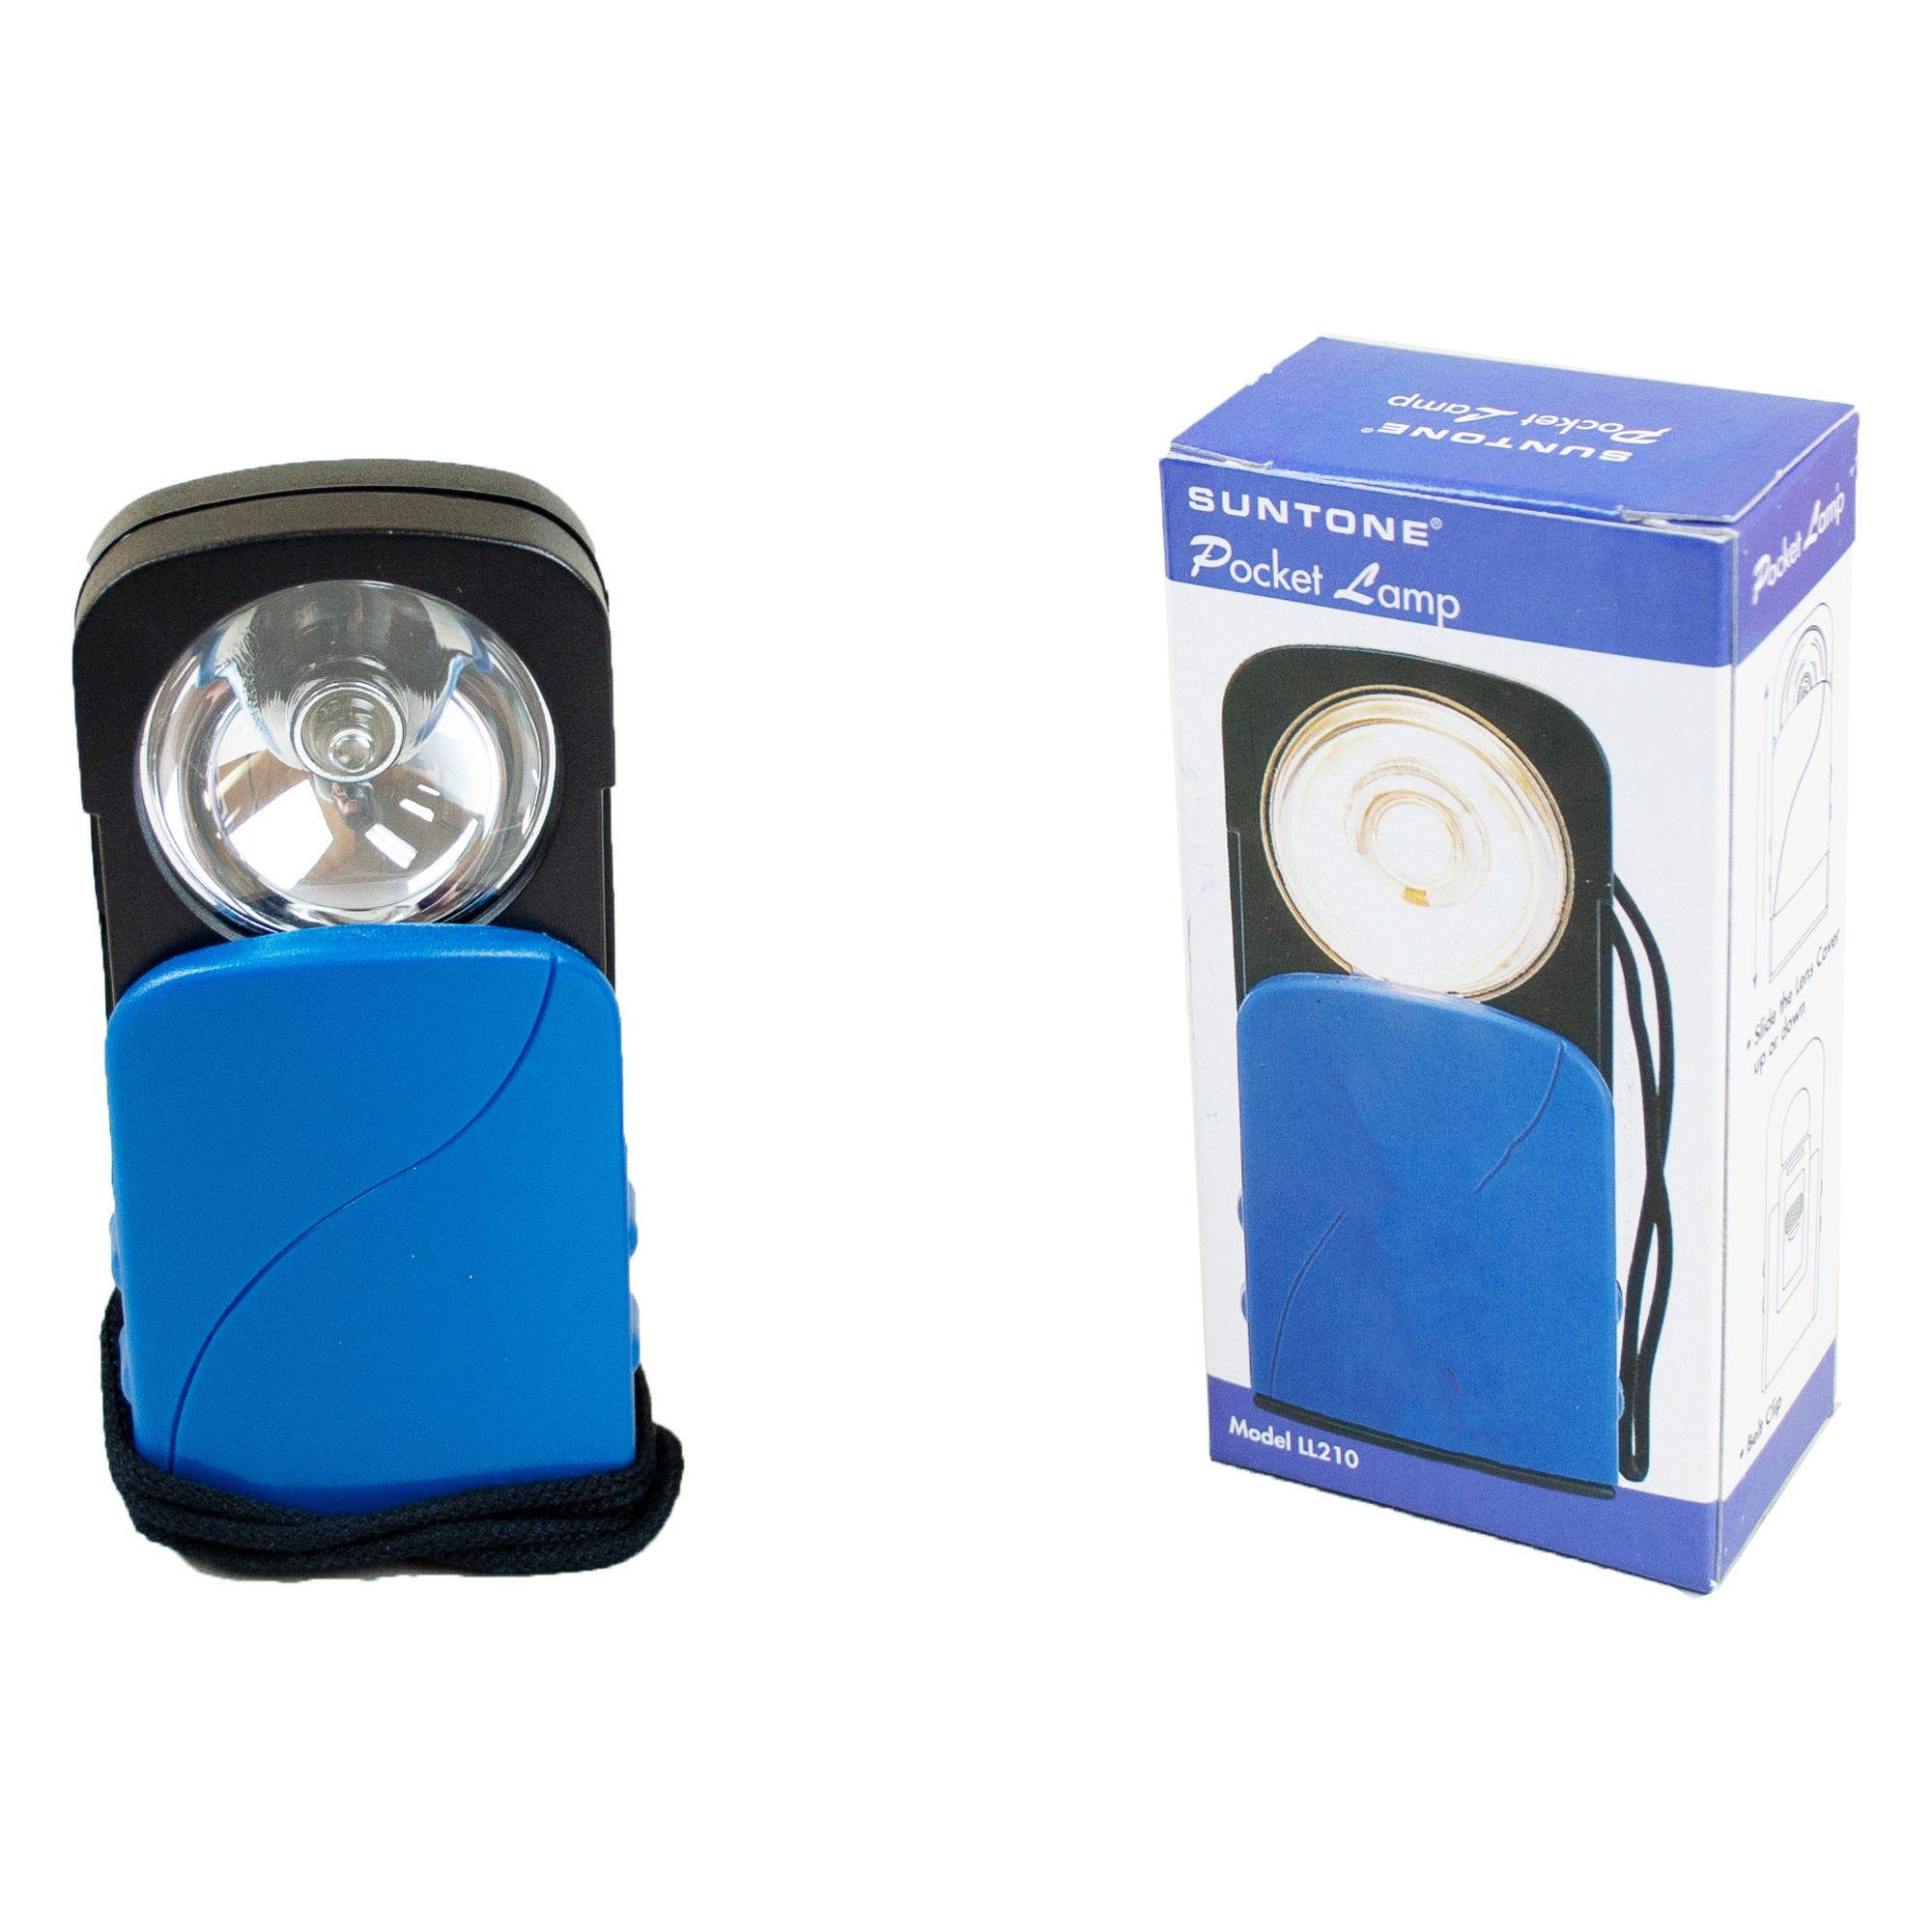 Pocket Lamp- Qty 54